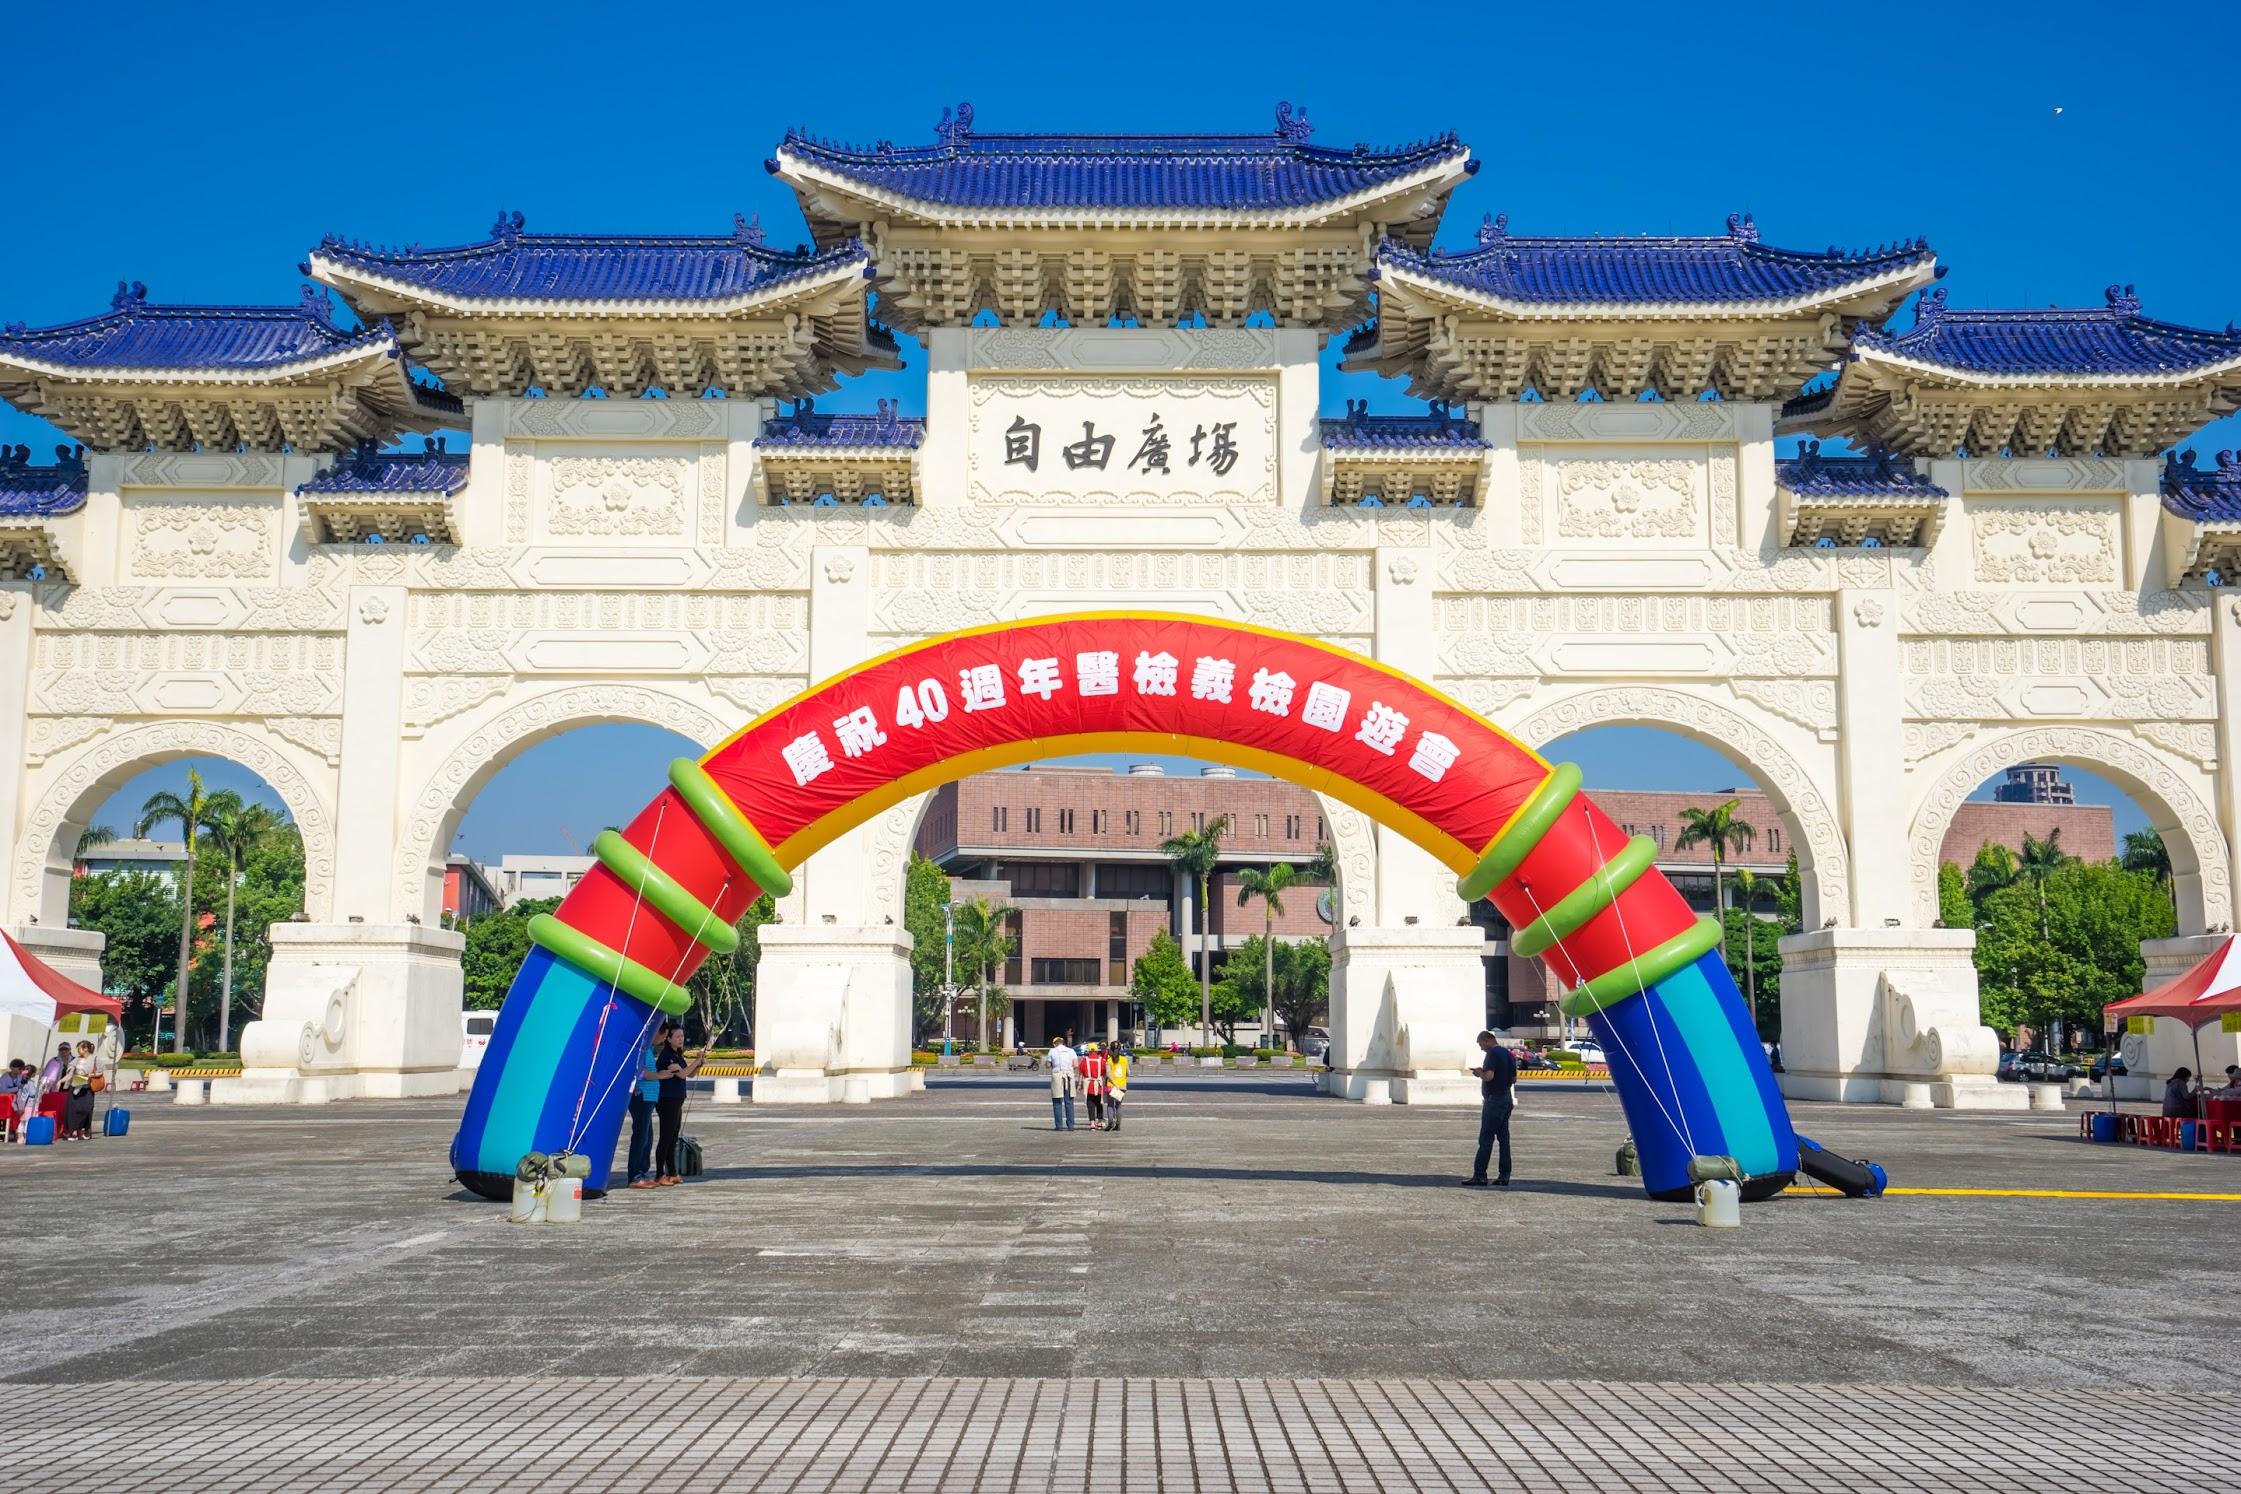 Taipei Chiang Kai-Shek Memorial Hall archway